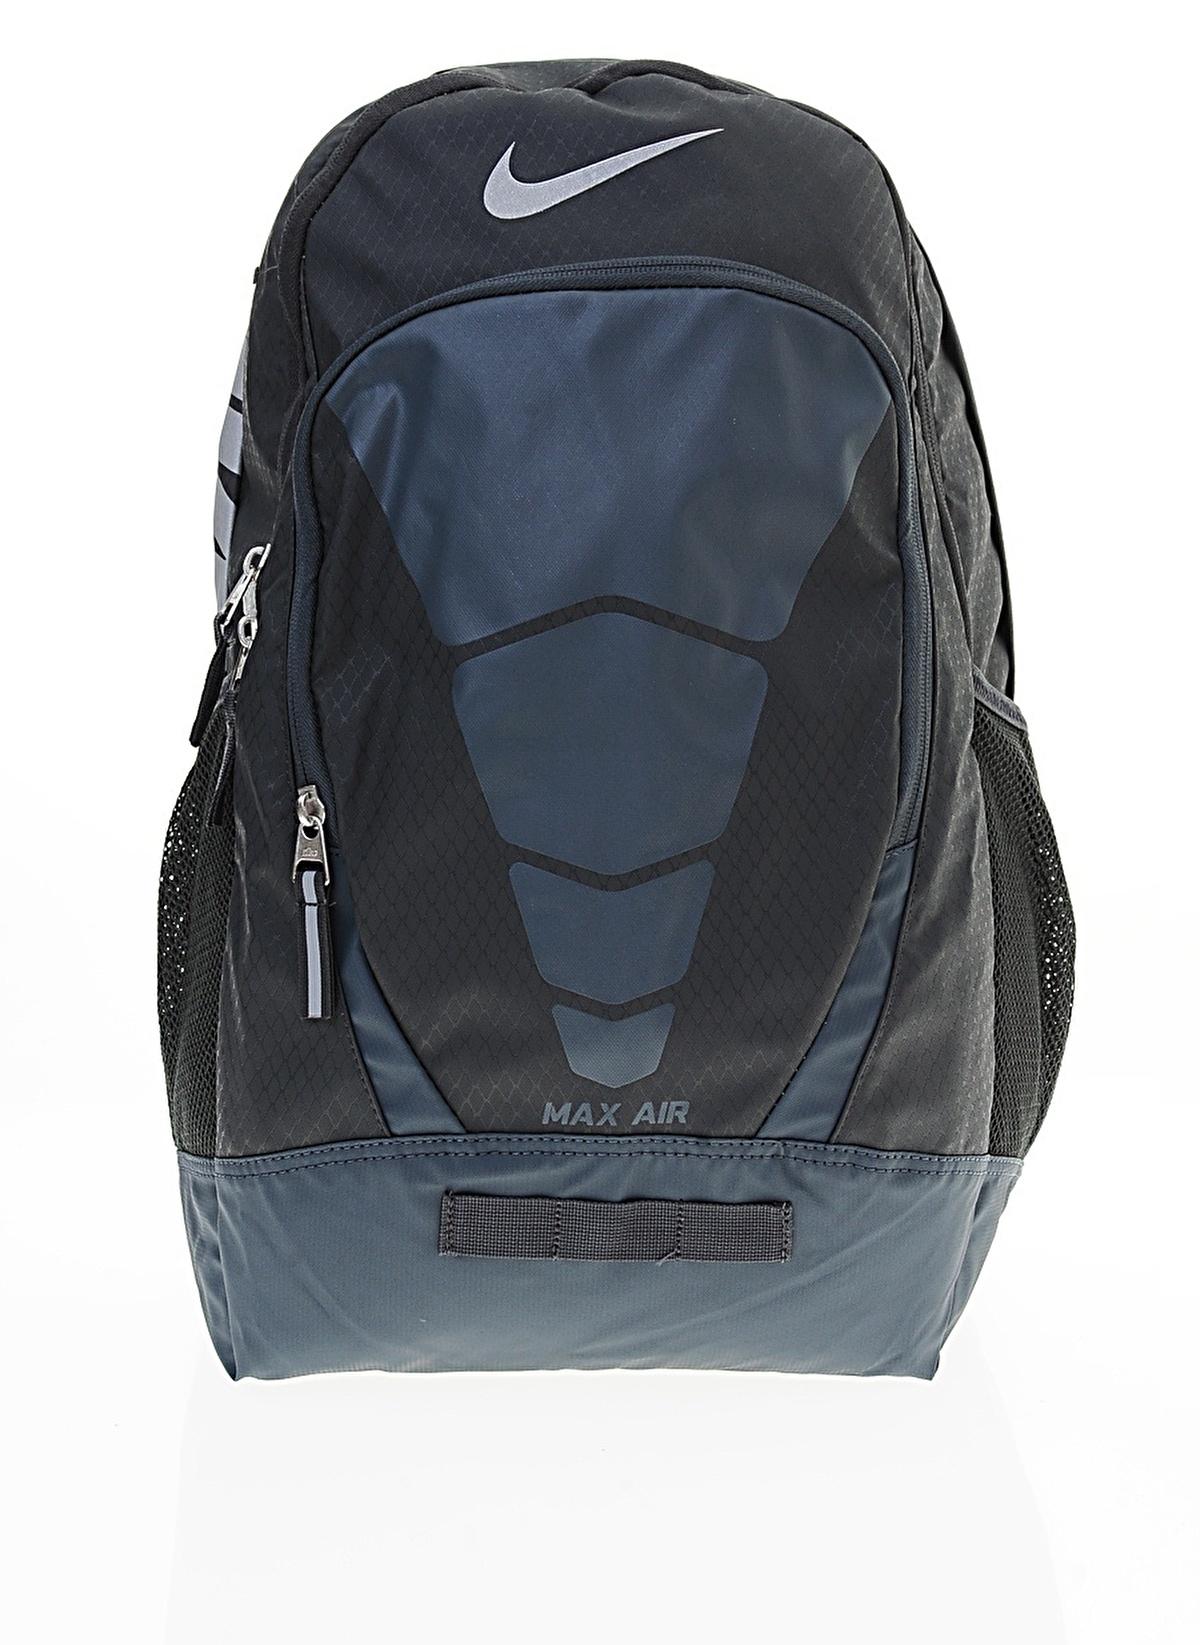 76236571c4bff Nike Unisex Sırt Çantası Anthracite/Dkmggy/(M Silv) | Morhipo | 13966096